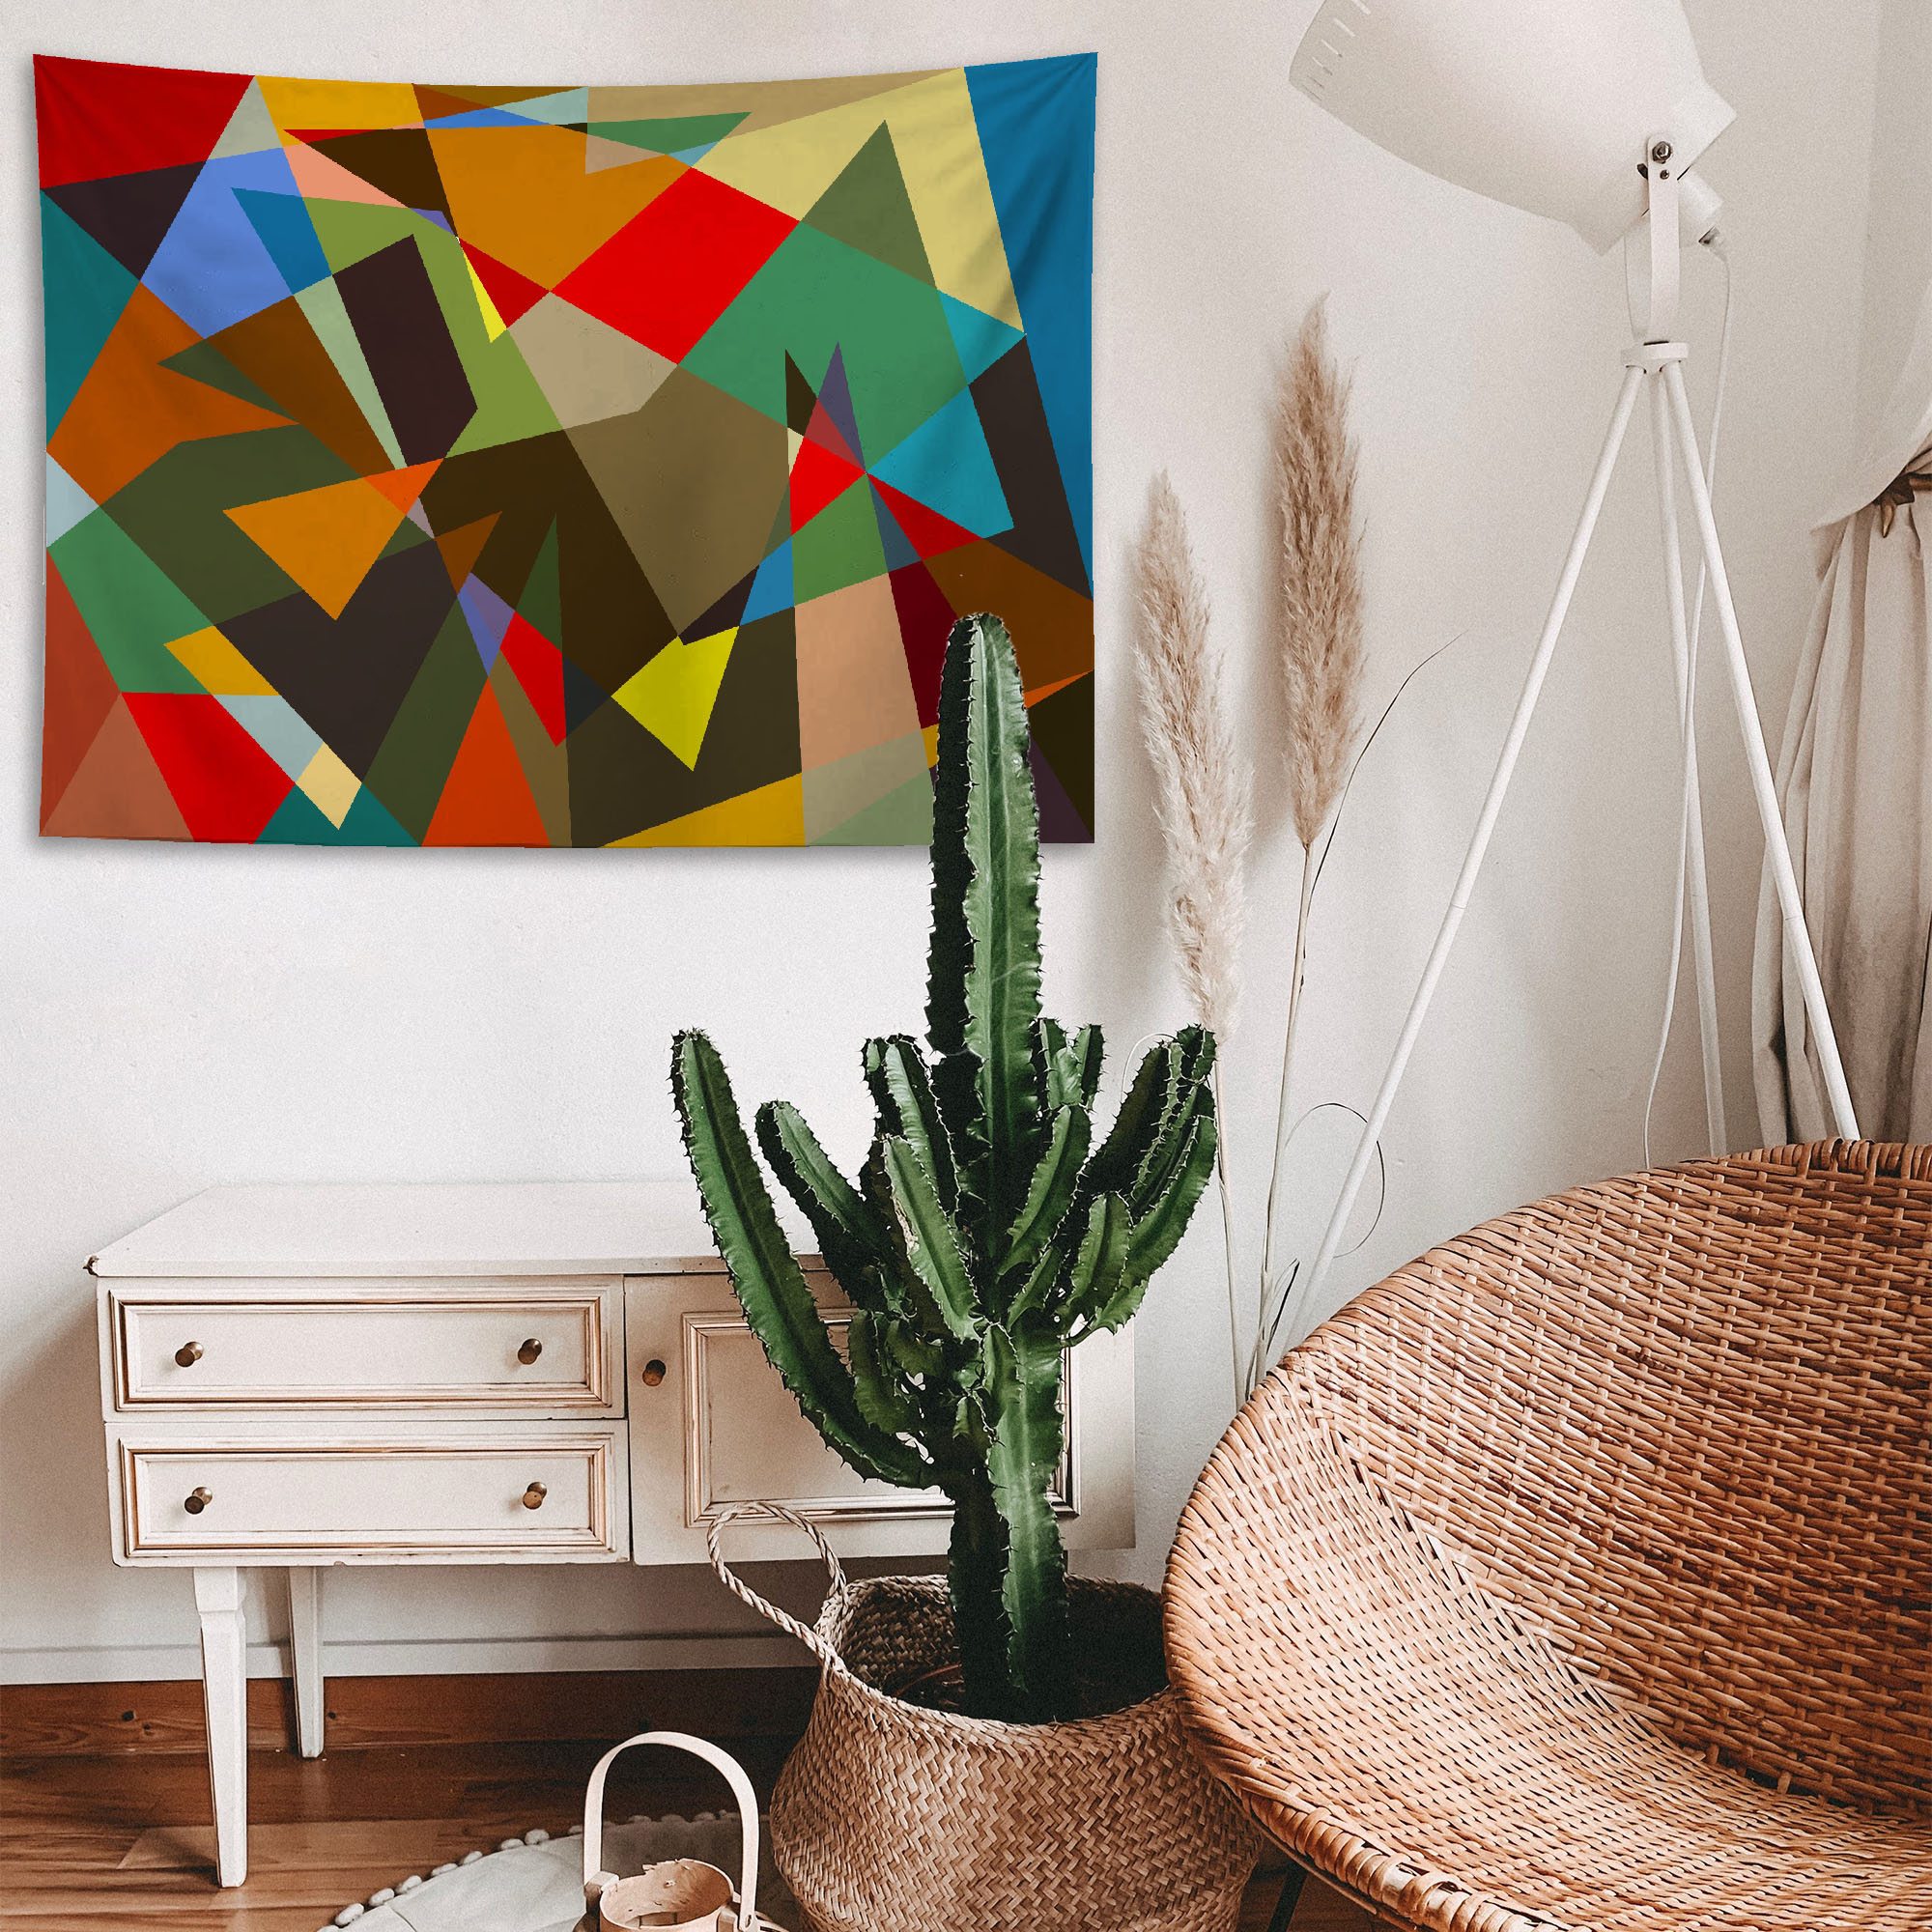 Abstact Renkler Duvar Örtüsü